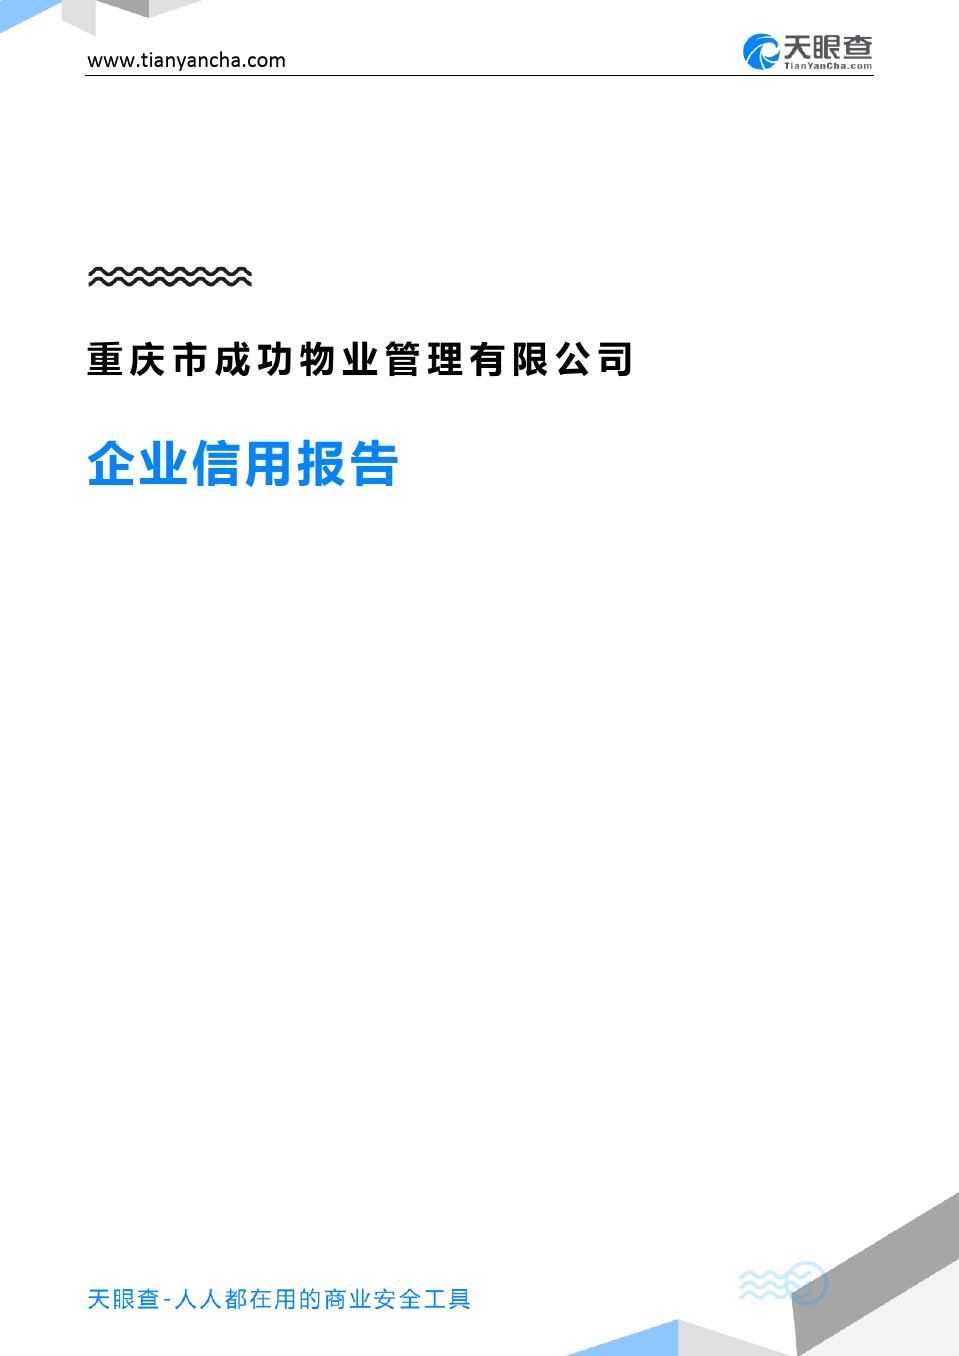 重庆市成功物业管理有限公司企业信用报告-天眼查